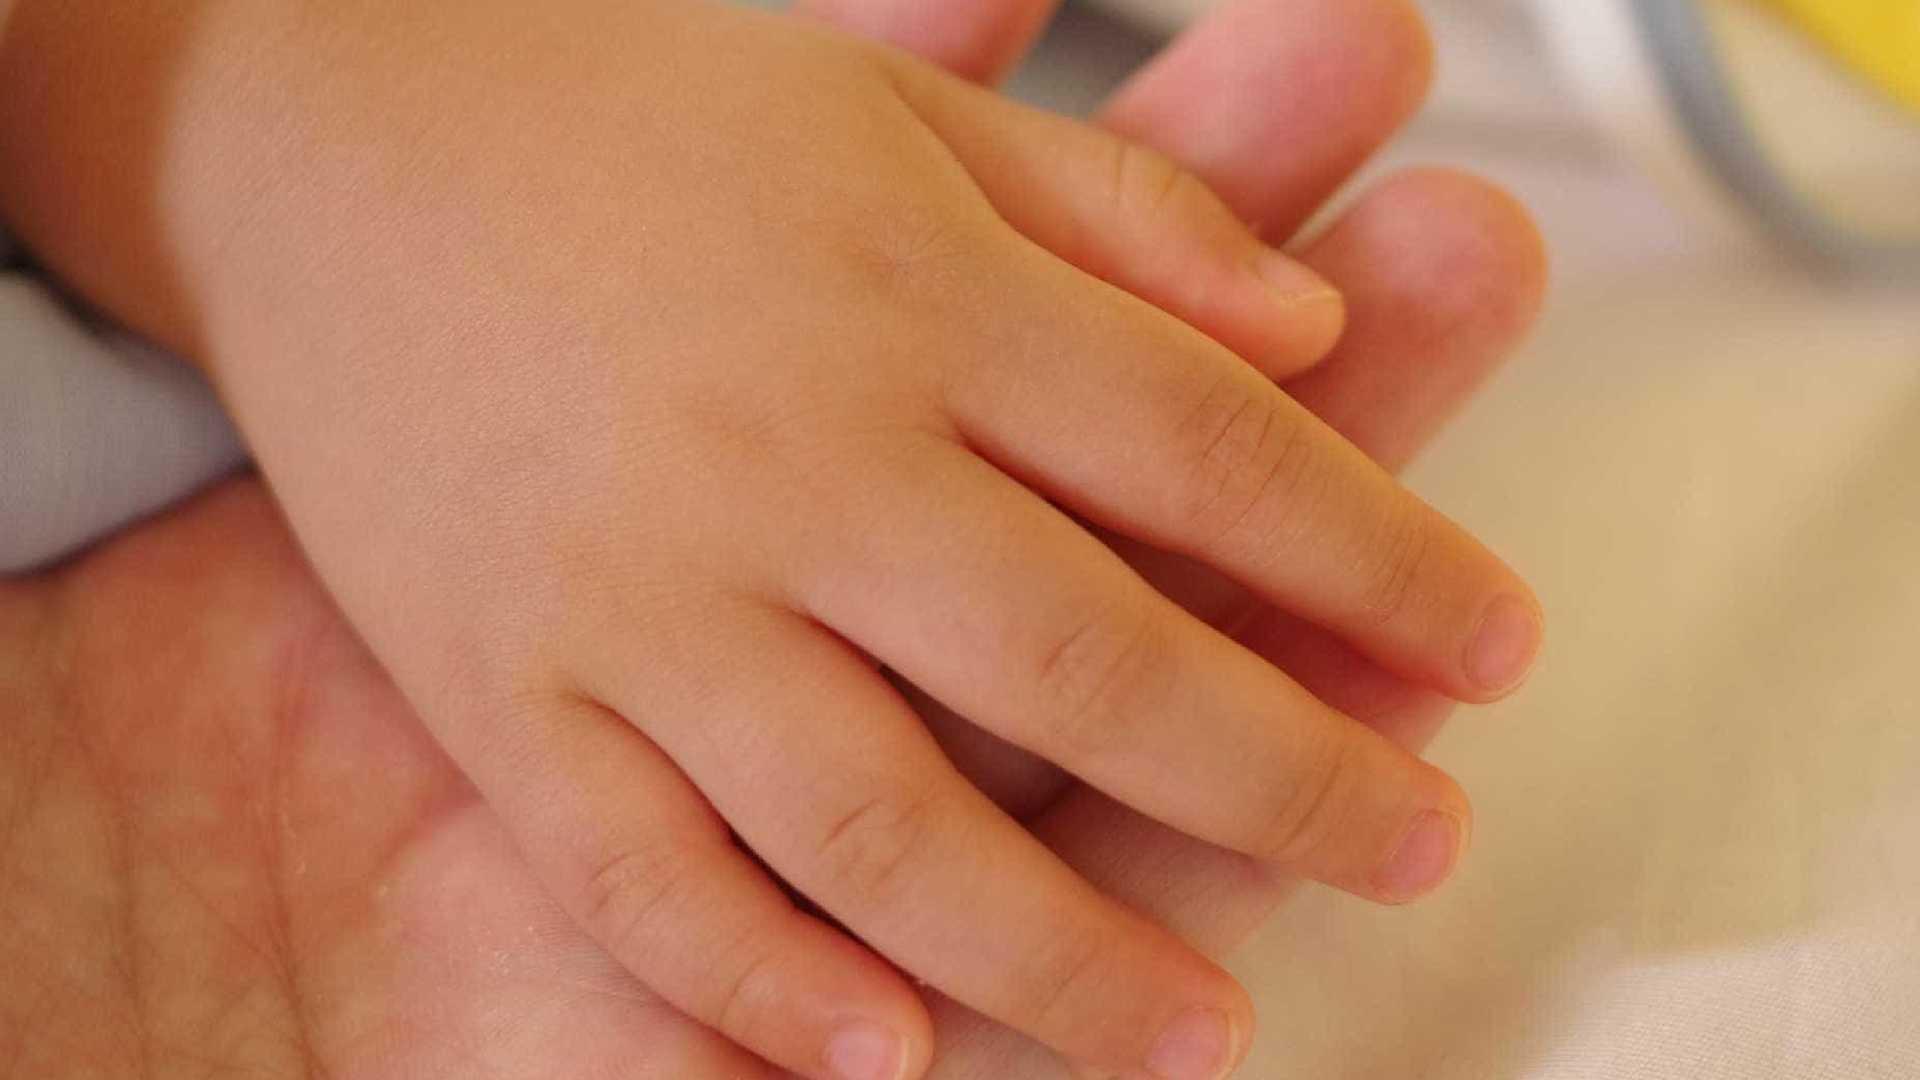 9665 - Mãe é presa por torturar filha de 3 anos e enviar vídeos ao pai